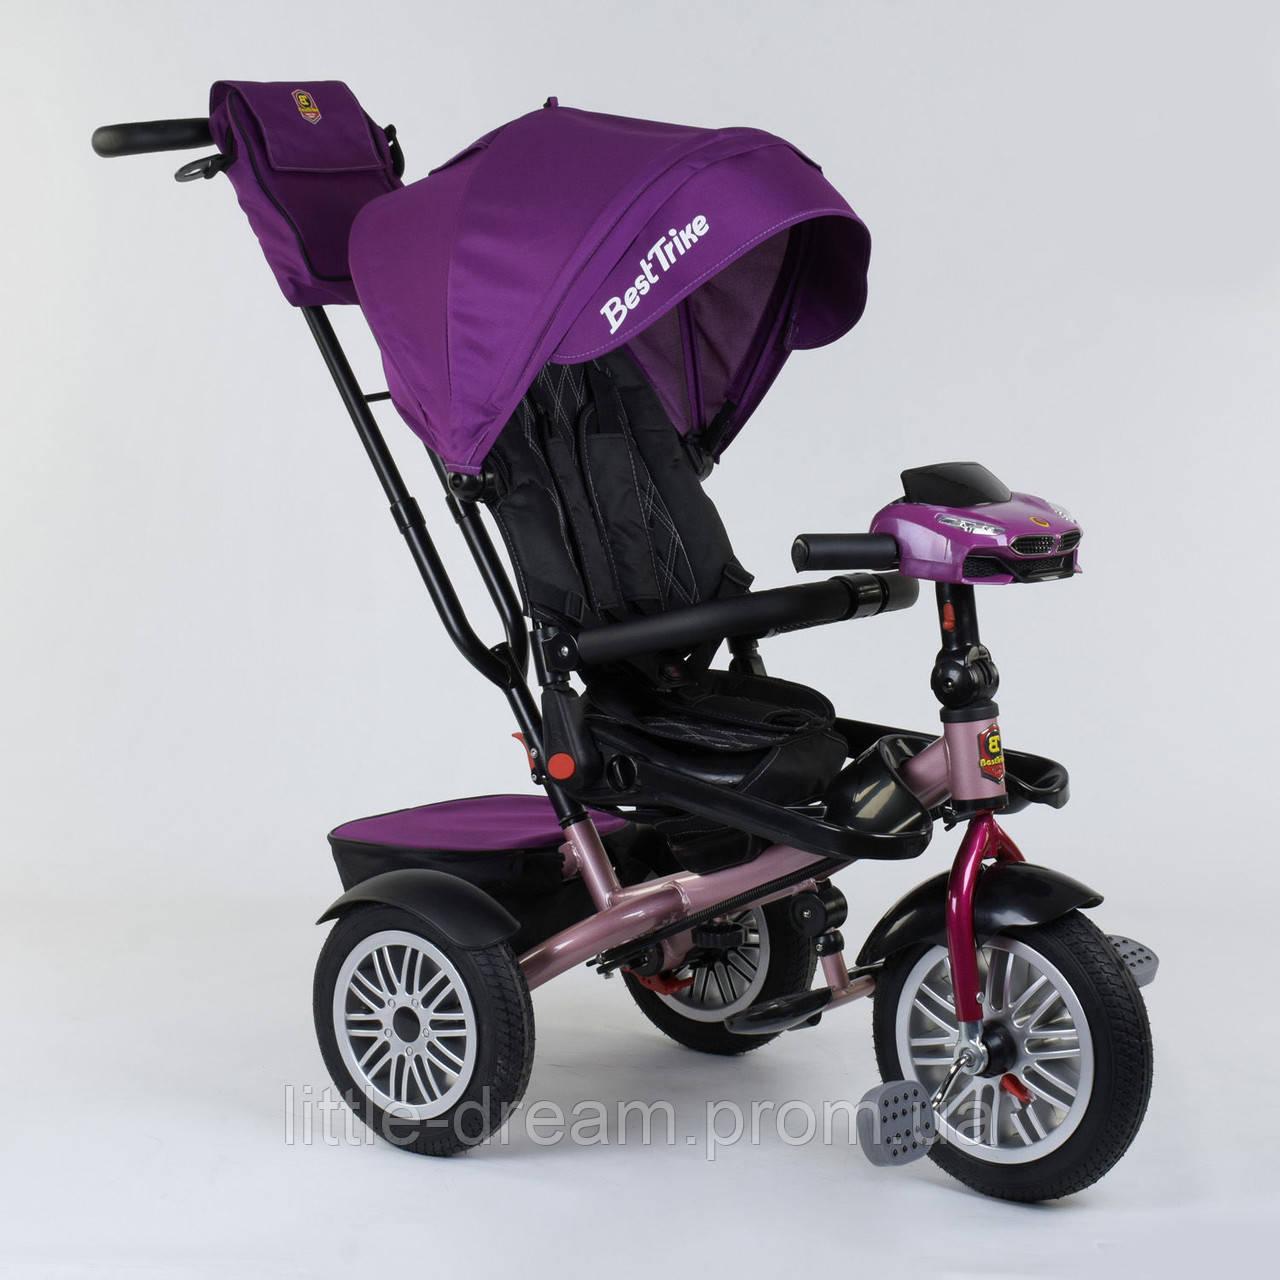 Велосипед 3-х колёсный Best Trike с поворотным сиденьем 9288 В - 3920, складной руль, русское озвучивание, надувные колеса, пульт включения света и